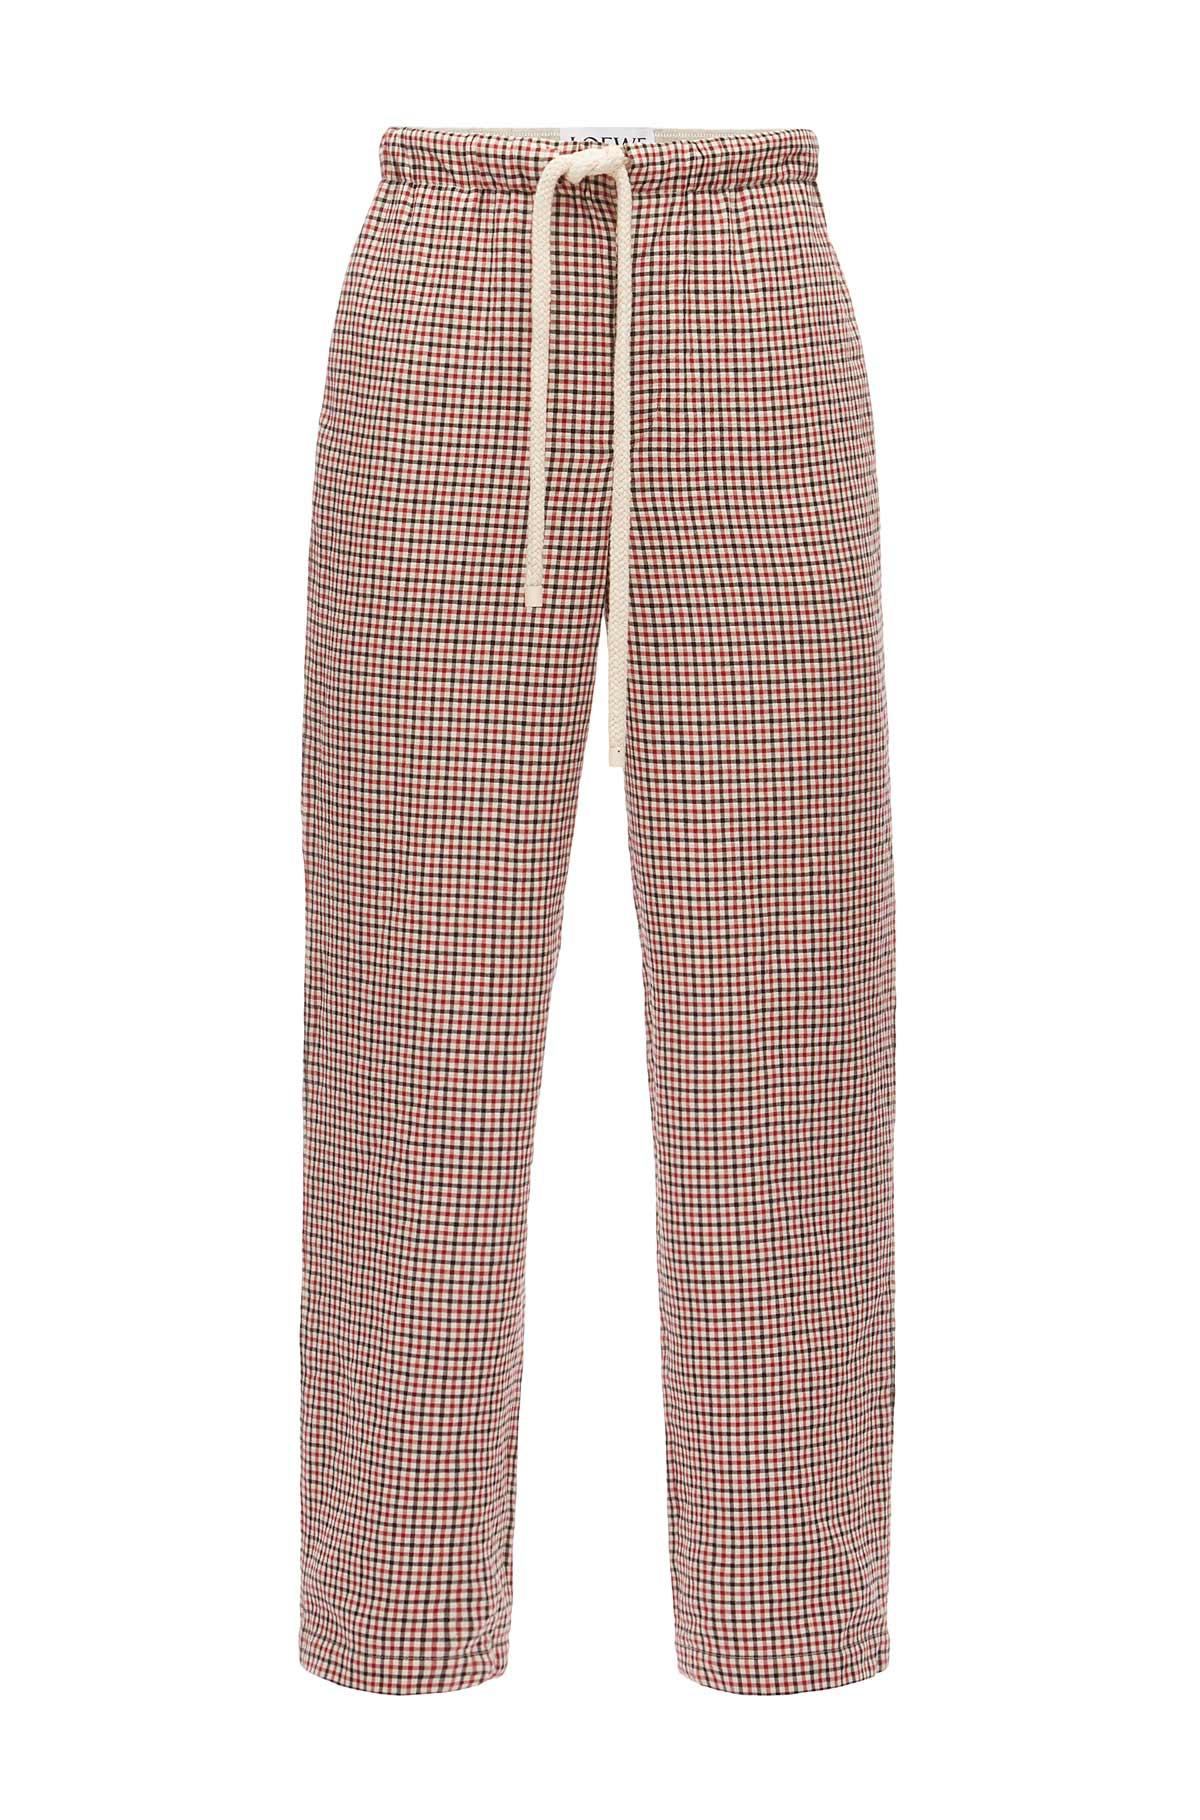 Loewe Pyjama Trousers Dumbo Multicolor, HKD 7,550